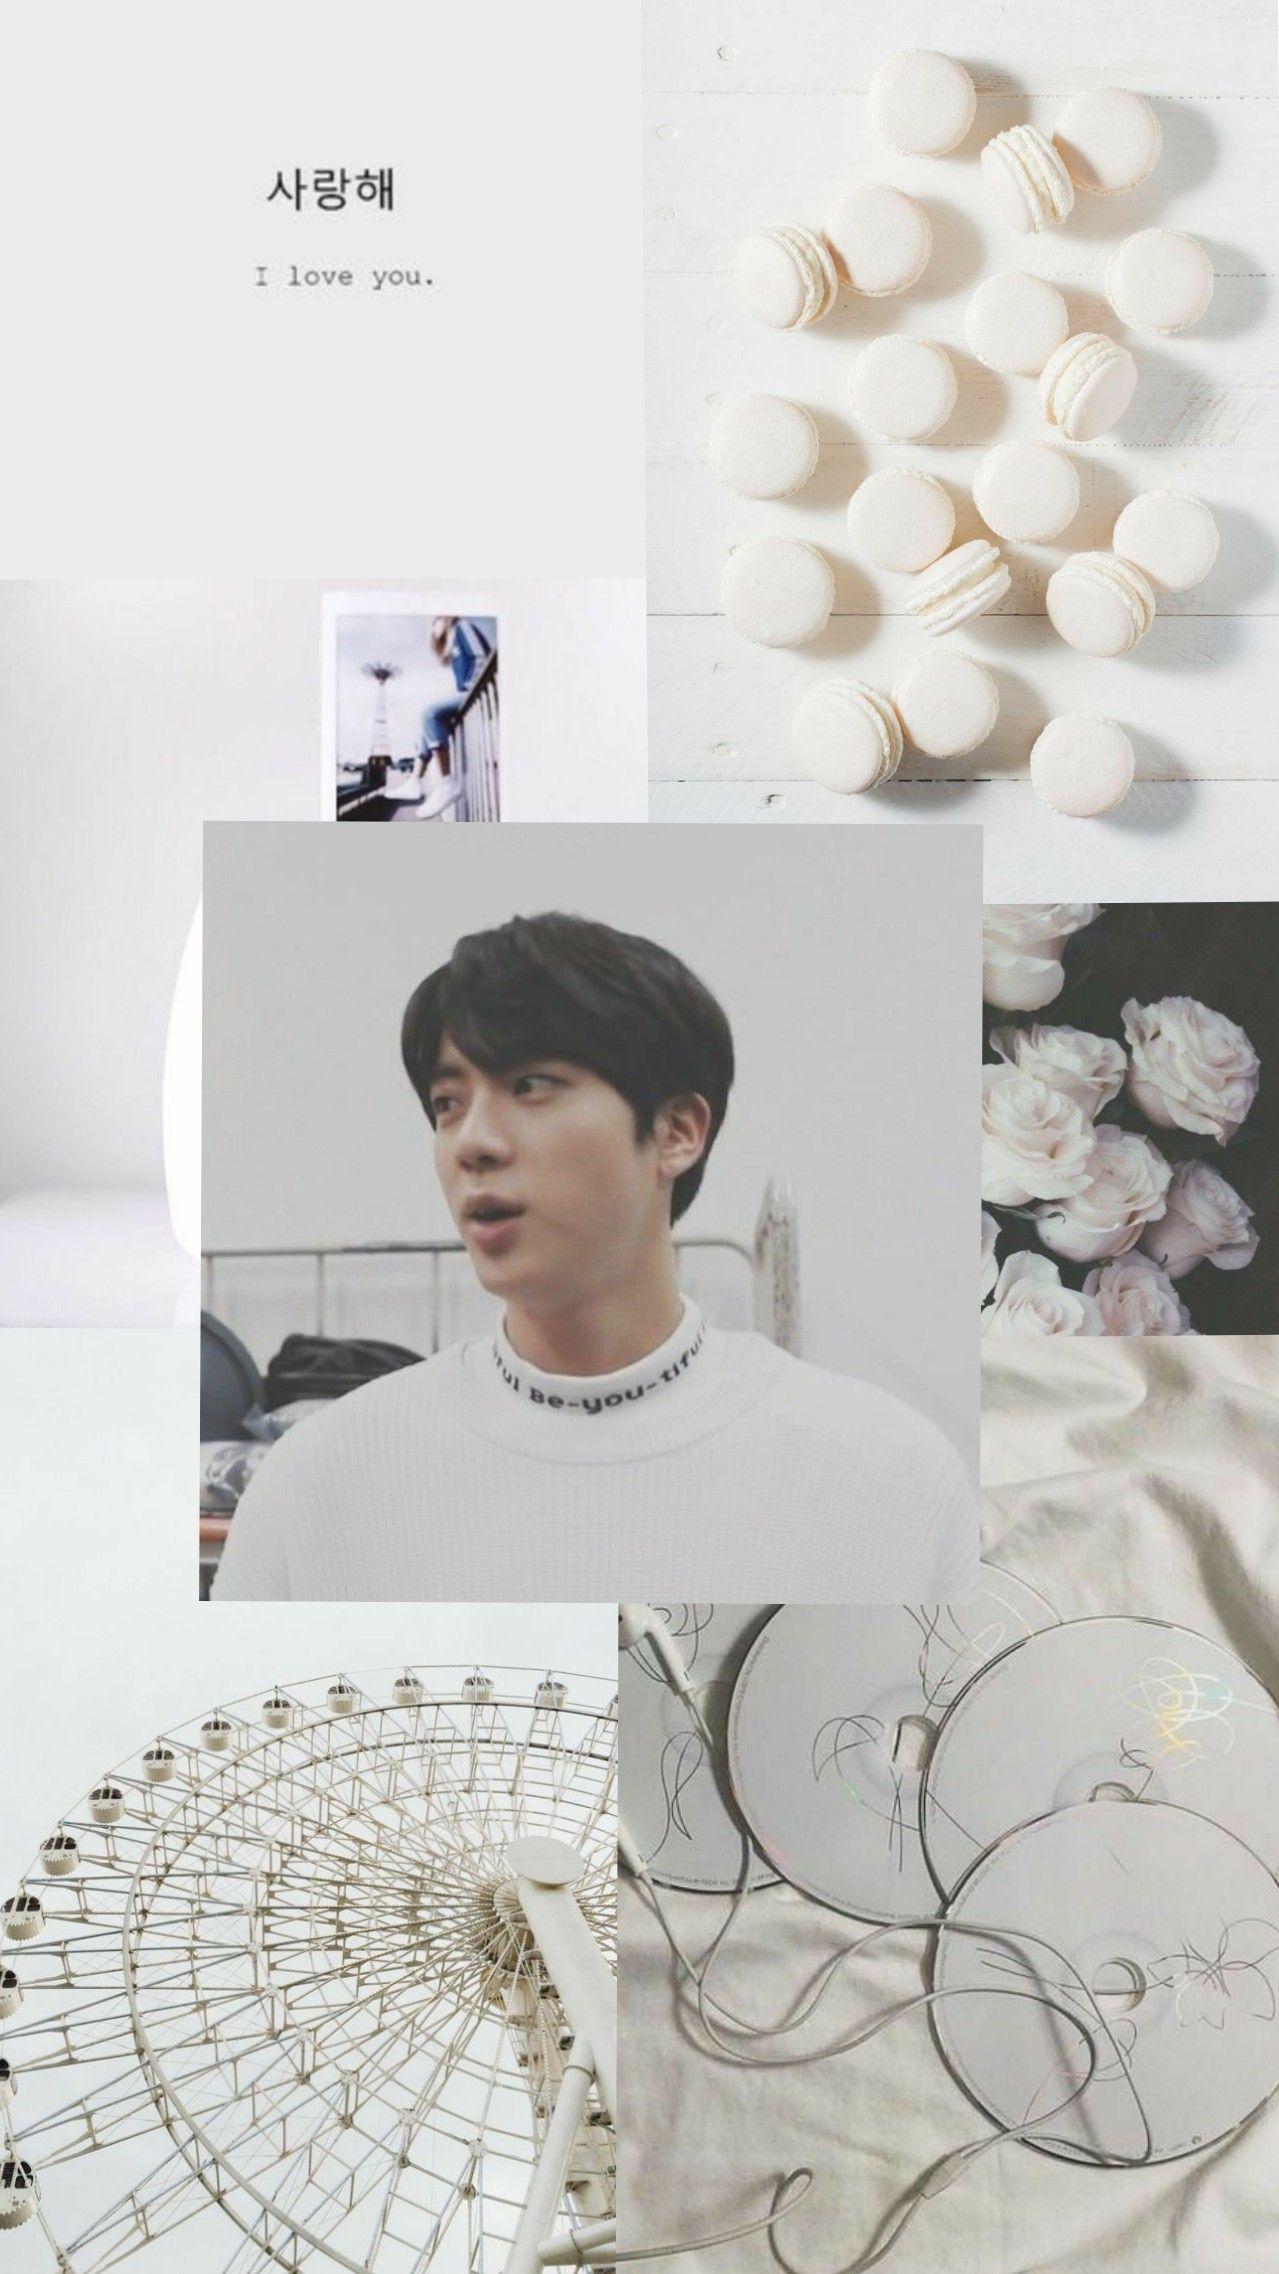 Seokjin Wallpaper Aesthetic Bts White Bts Aesthetic Wallpaper For Phone Bts Wallpaper Kpop Wallpaper Bts white aesthetic wallpaper